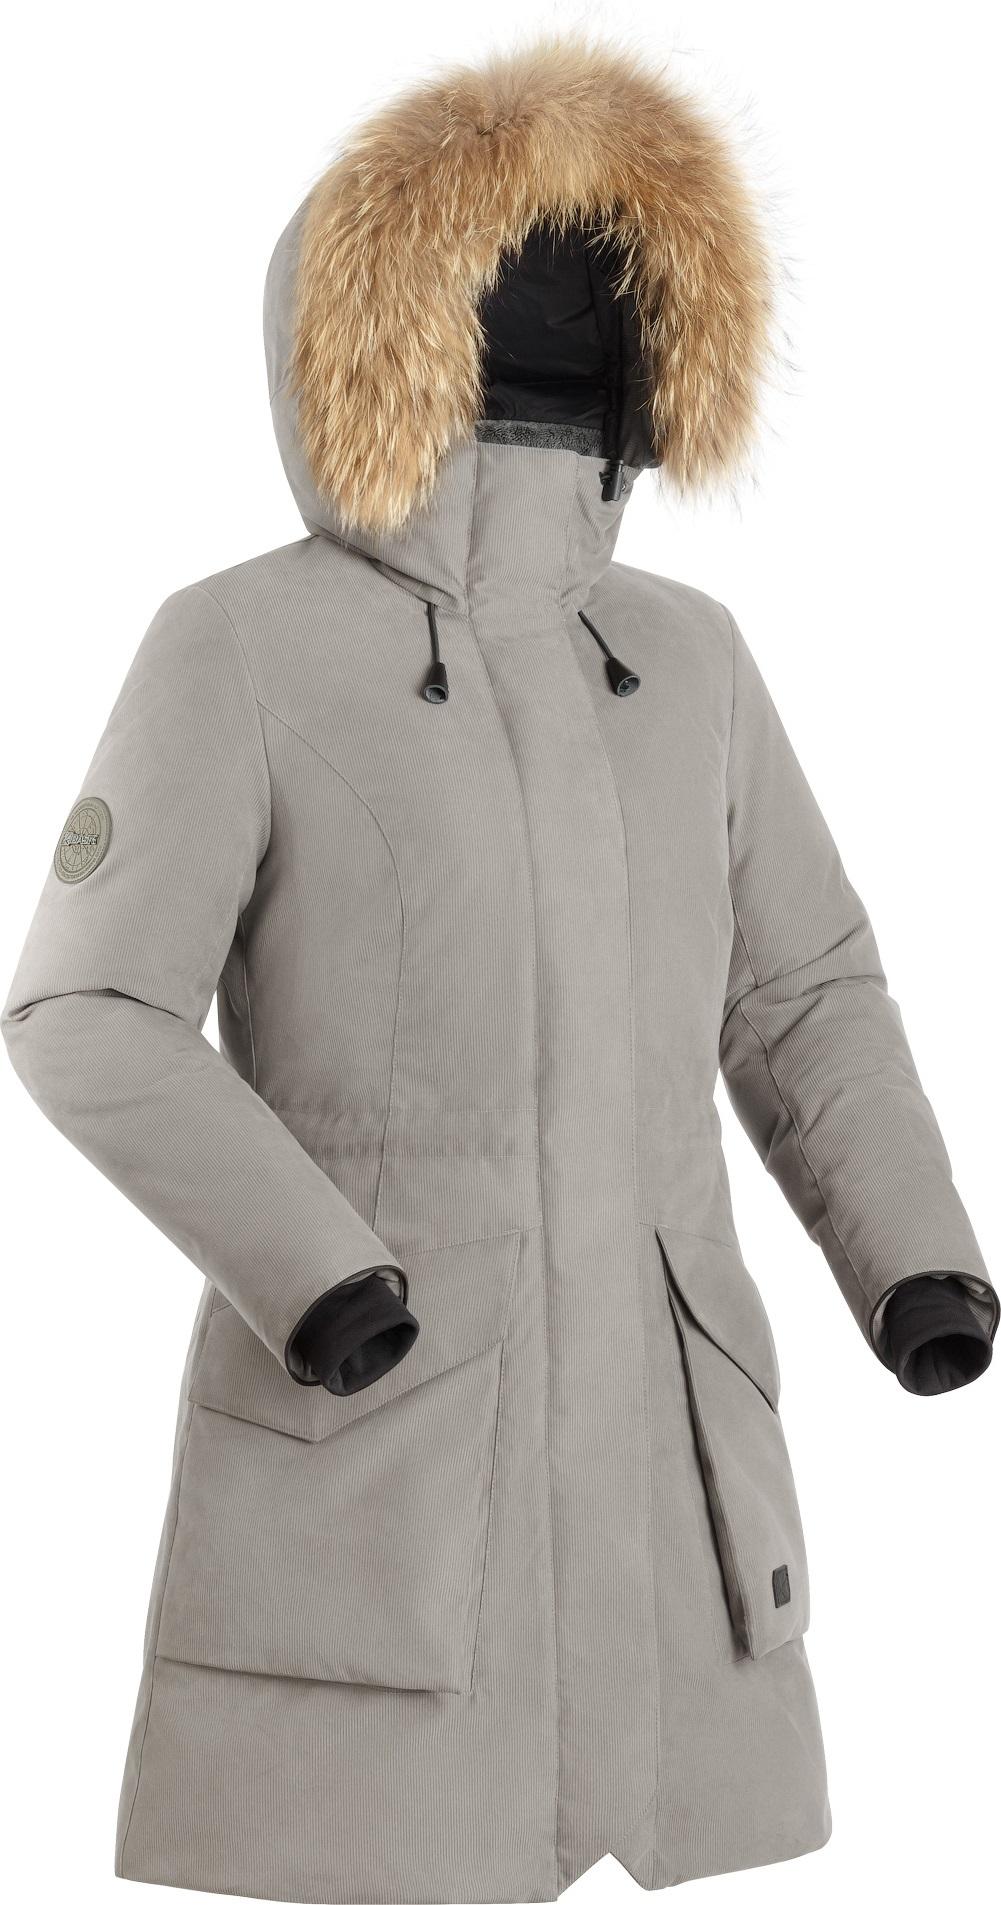 Купить Пальто пуховое женское BASK VISHER светло-серое, Компания БАСК